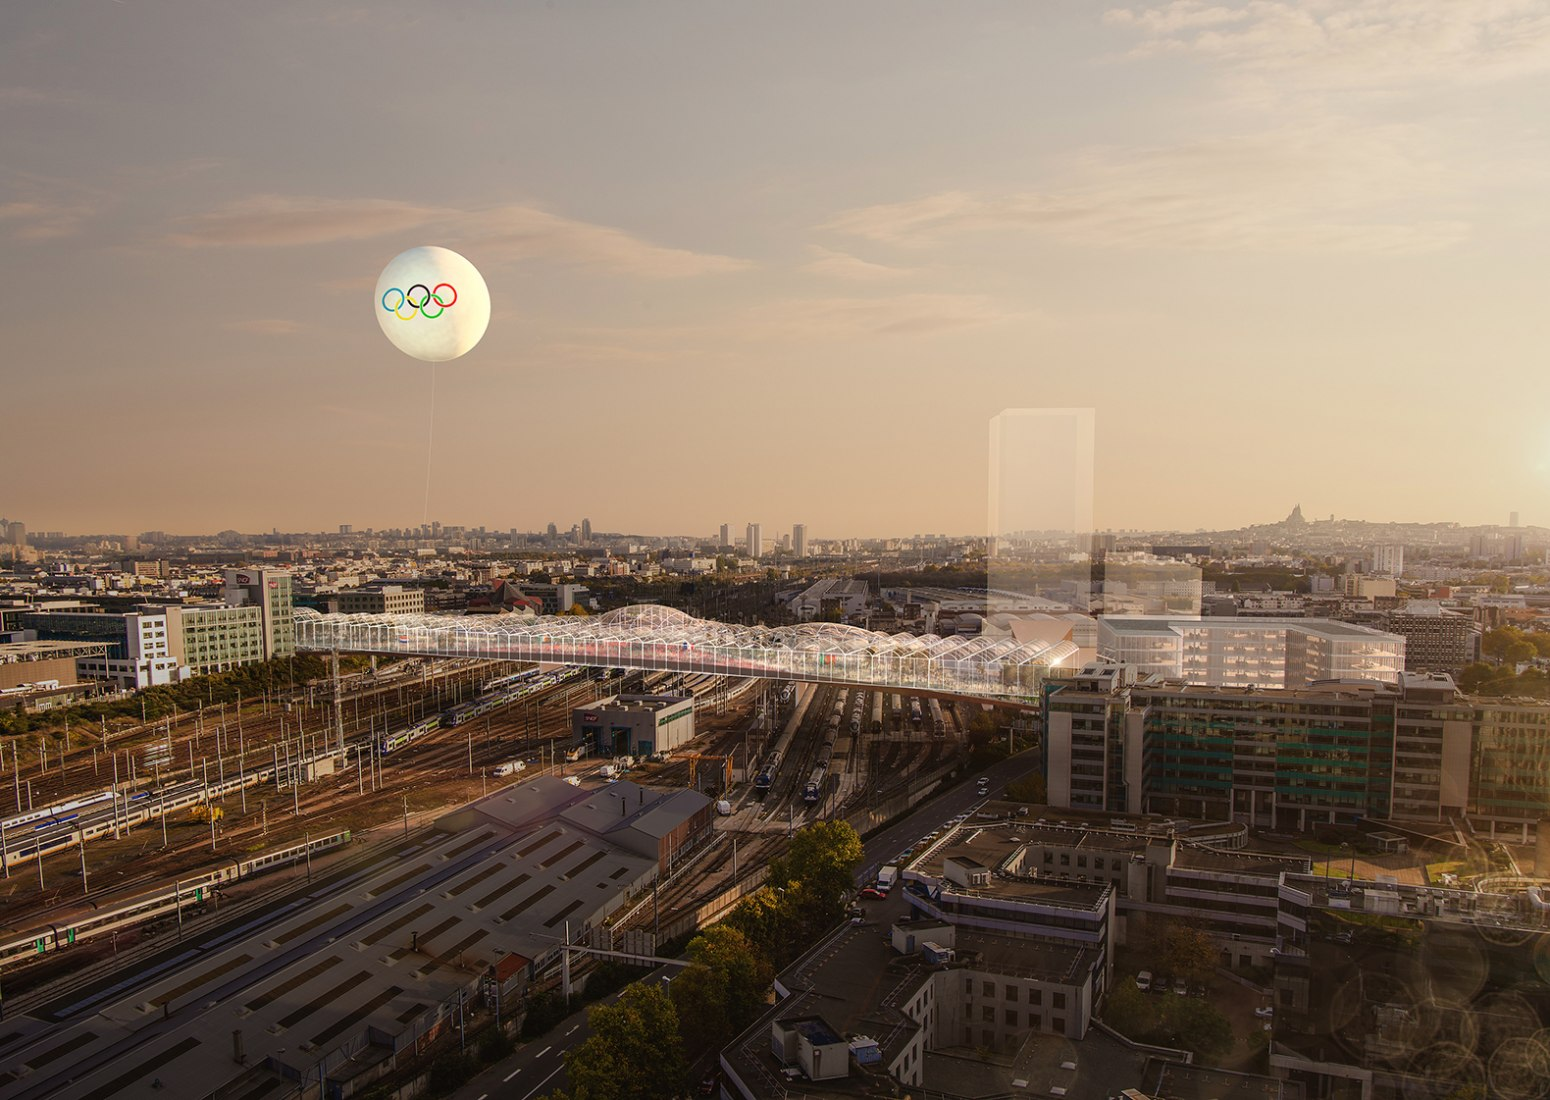 JJOO. Halle Commune. OMA's proposal for Pleyel Bridge. Image © Bloom. Image courtesy of OMA.